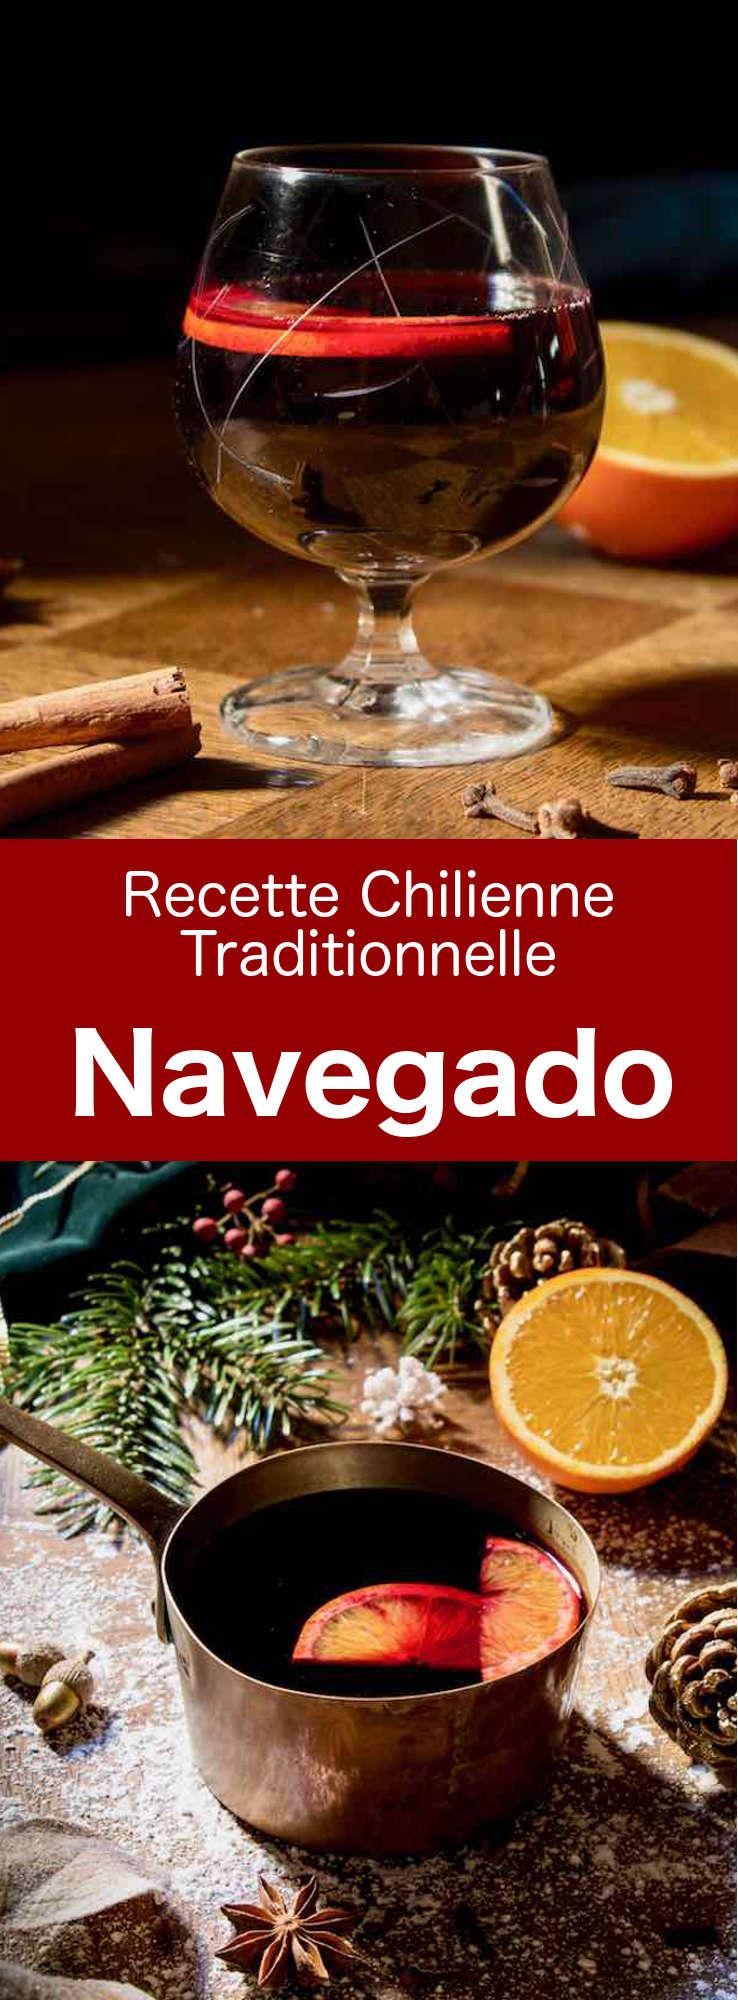 Le navegado, navega'o, ou vino navegado est une boisson alcoolisée populaire dans le sud du Chili, qui est préparée à partir d'un mélange de vin rouge, tranches d'orange, sucre et épices. #Chili #RecetteChilienne #CuisineChilienne #CuisineDuMonde #196flavors